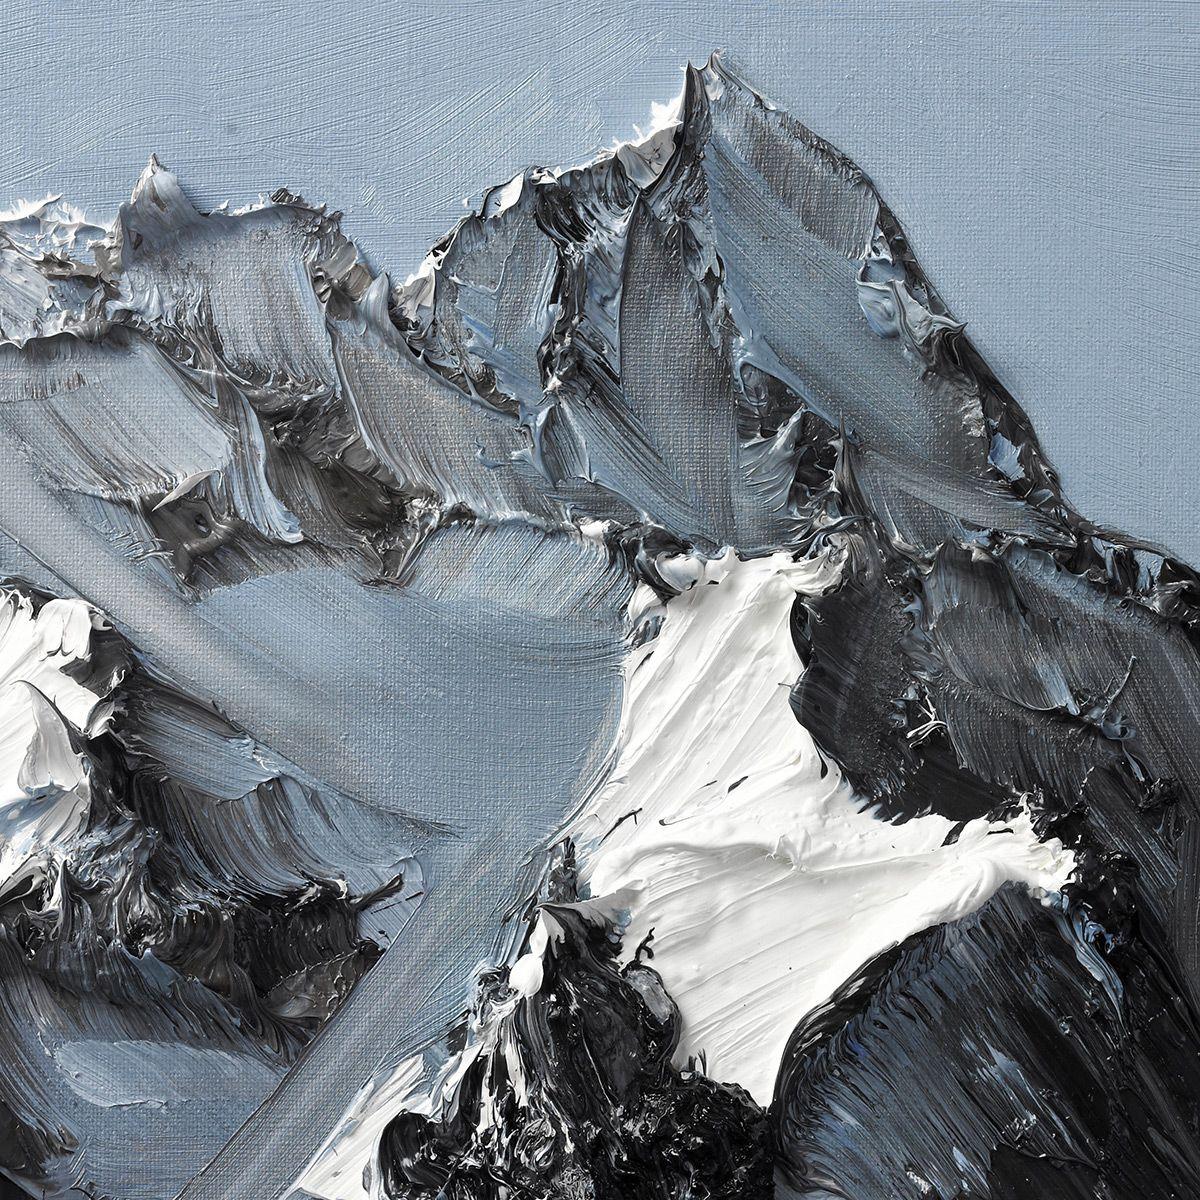 Величественные горы в картинах Конрада Джона Годли